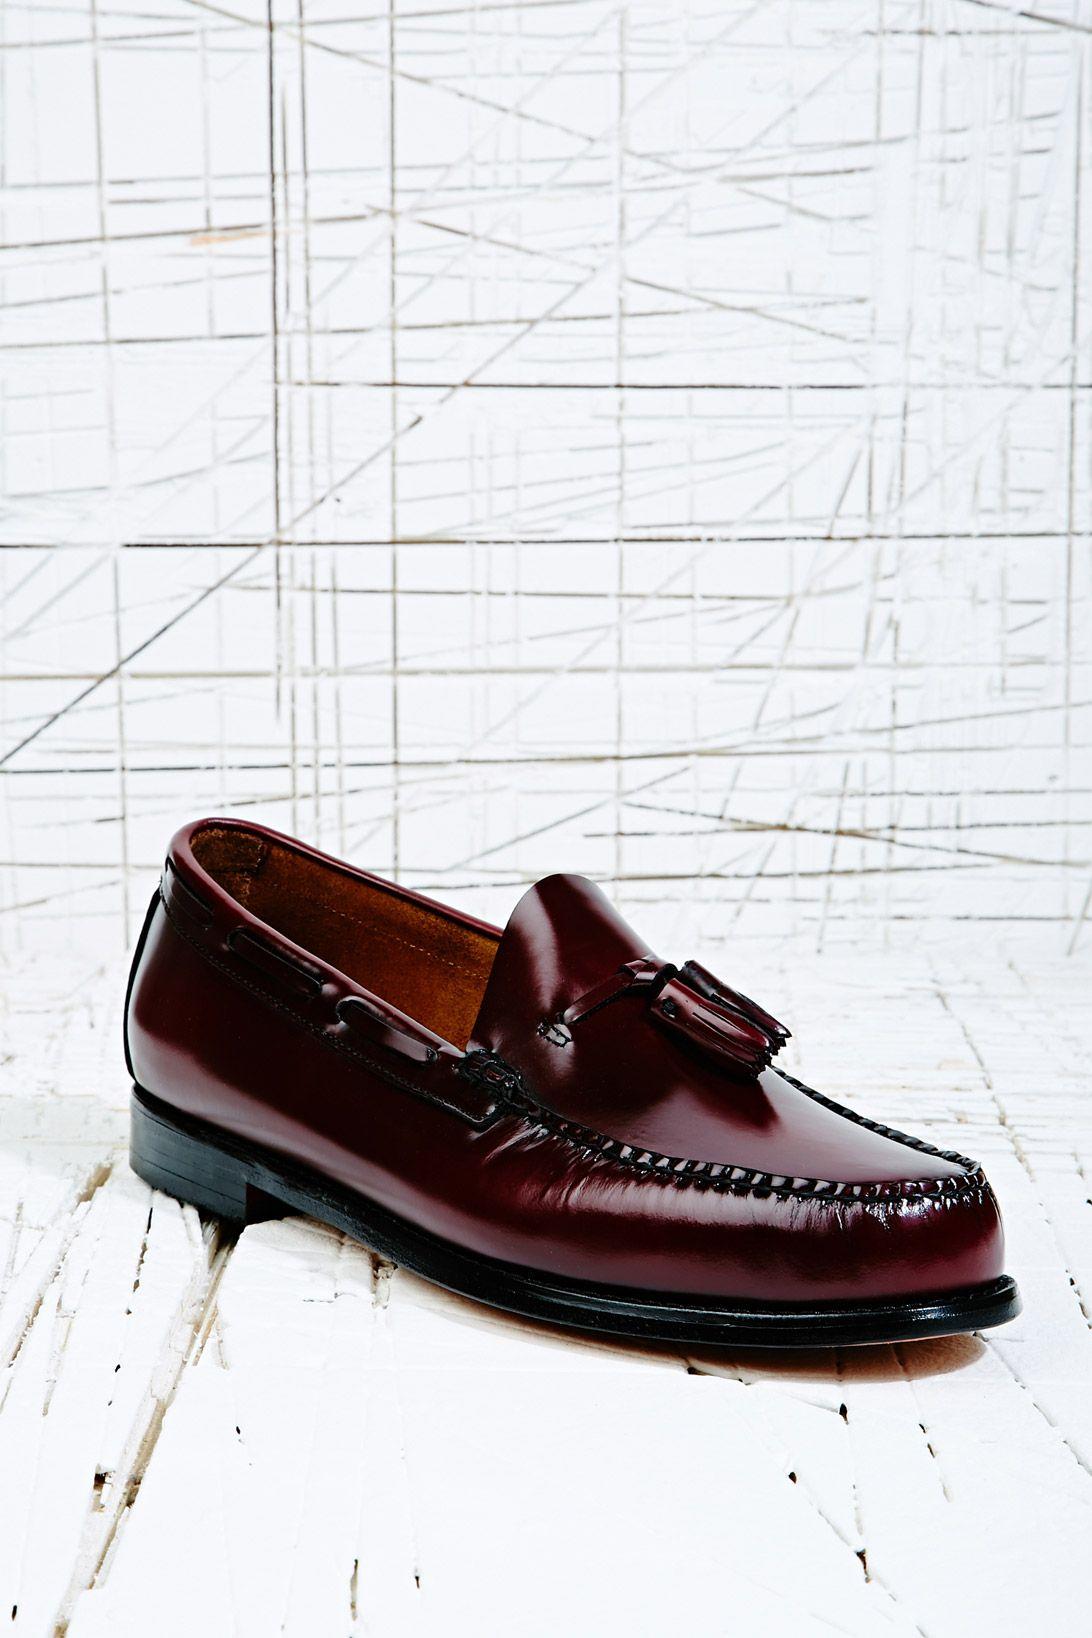 http://www.urbanoutfitters.co.uk/bass-weejuns-larkin-tassel-loafer-in-burgundy/invt/5322446043339/